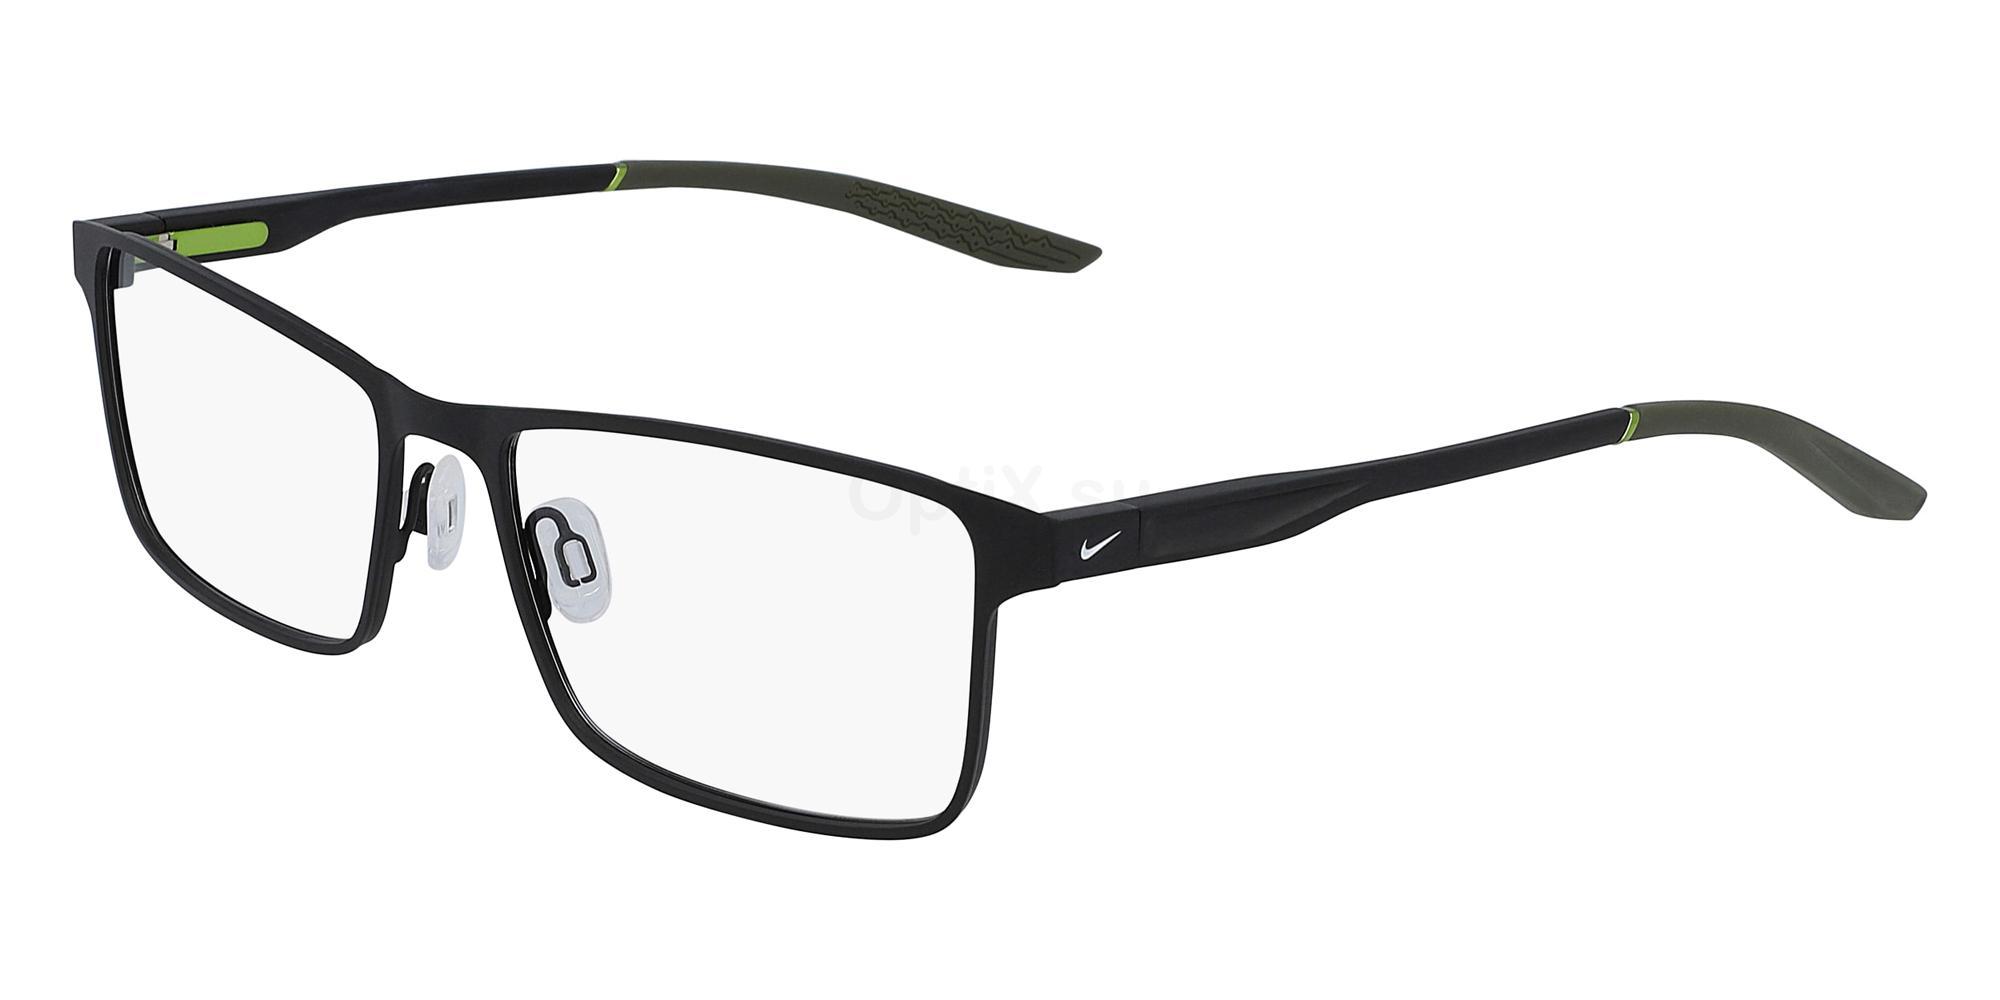 005 NIKE 8047 Glasses, Nike